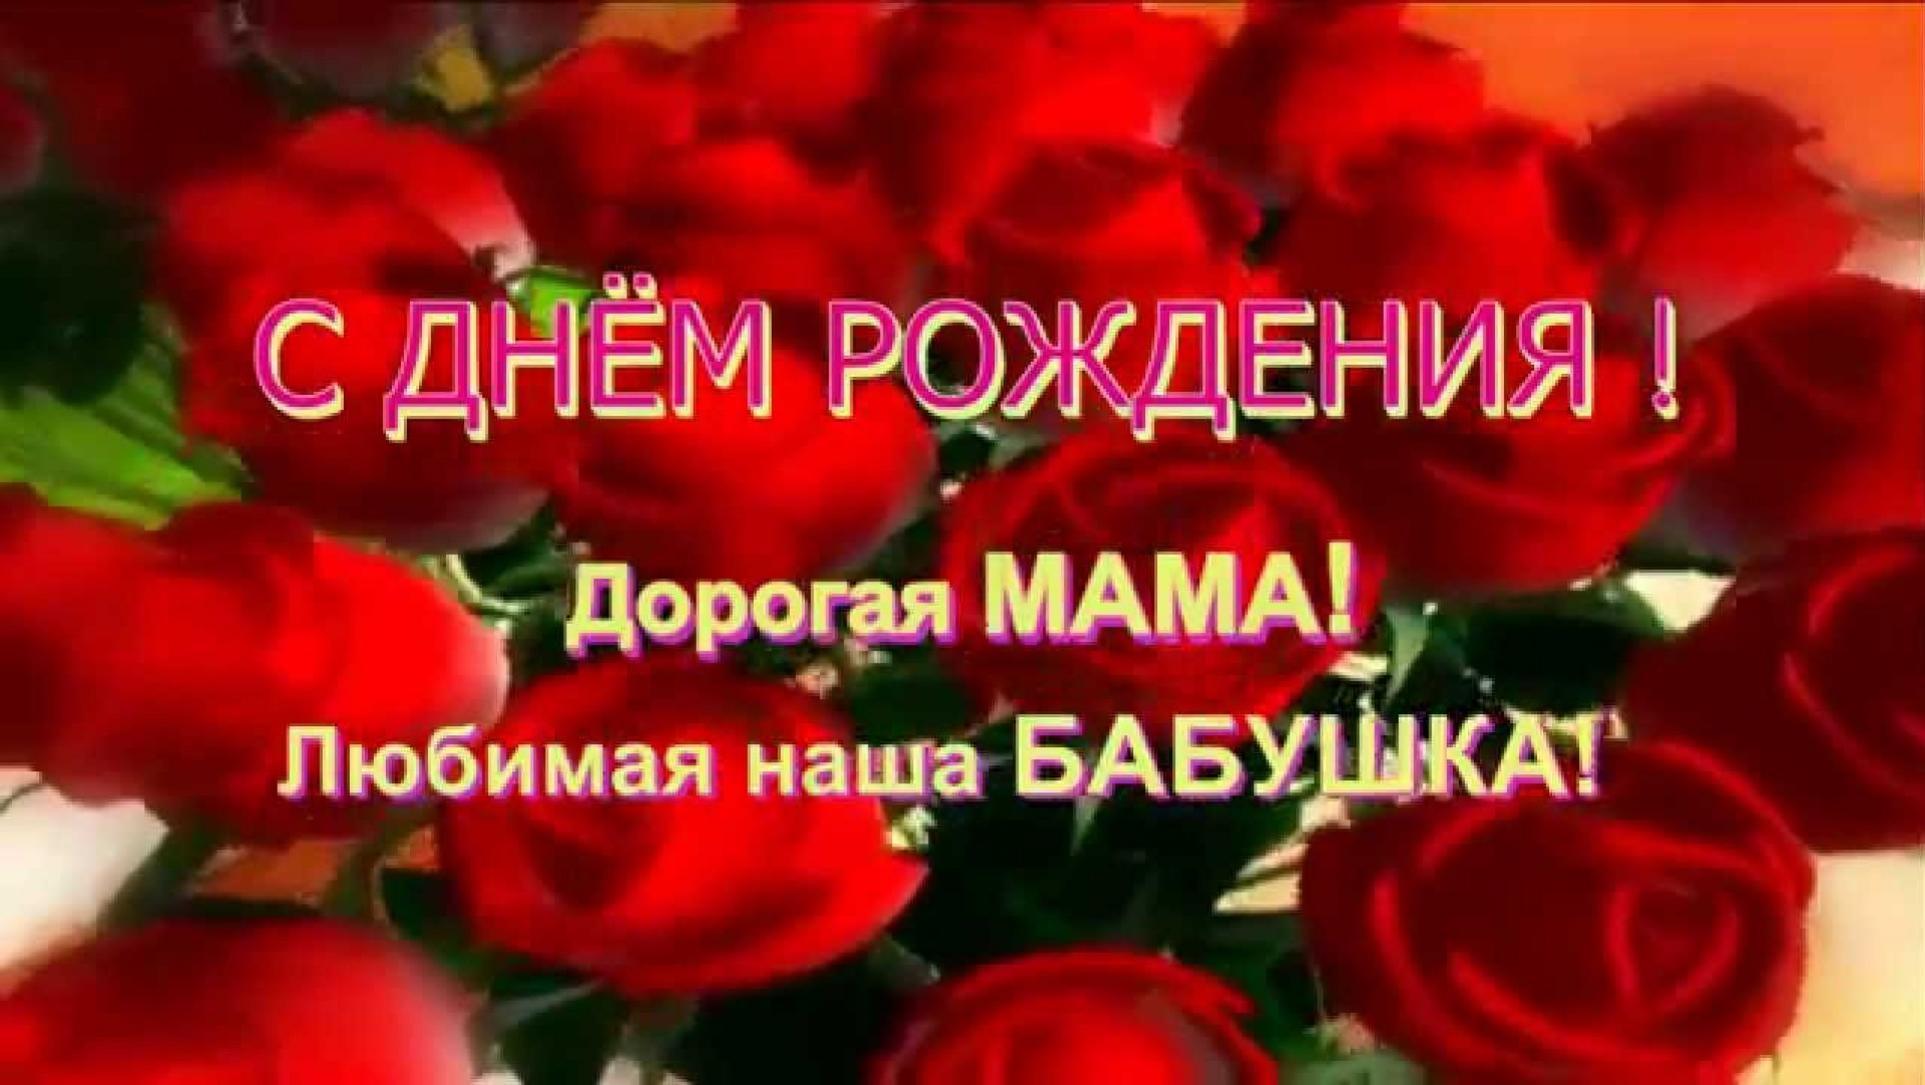 Поздравления с днем рождения своими словами маме и бабушке